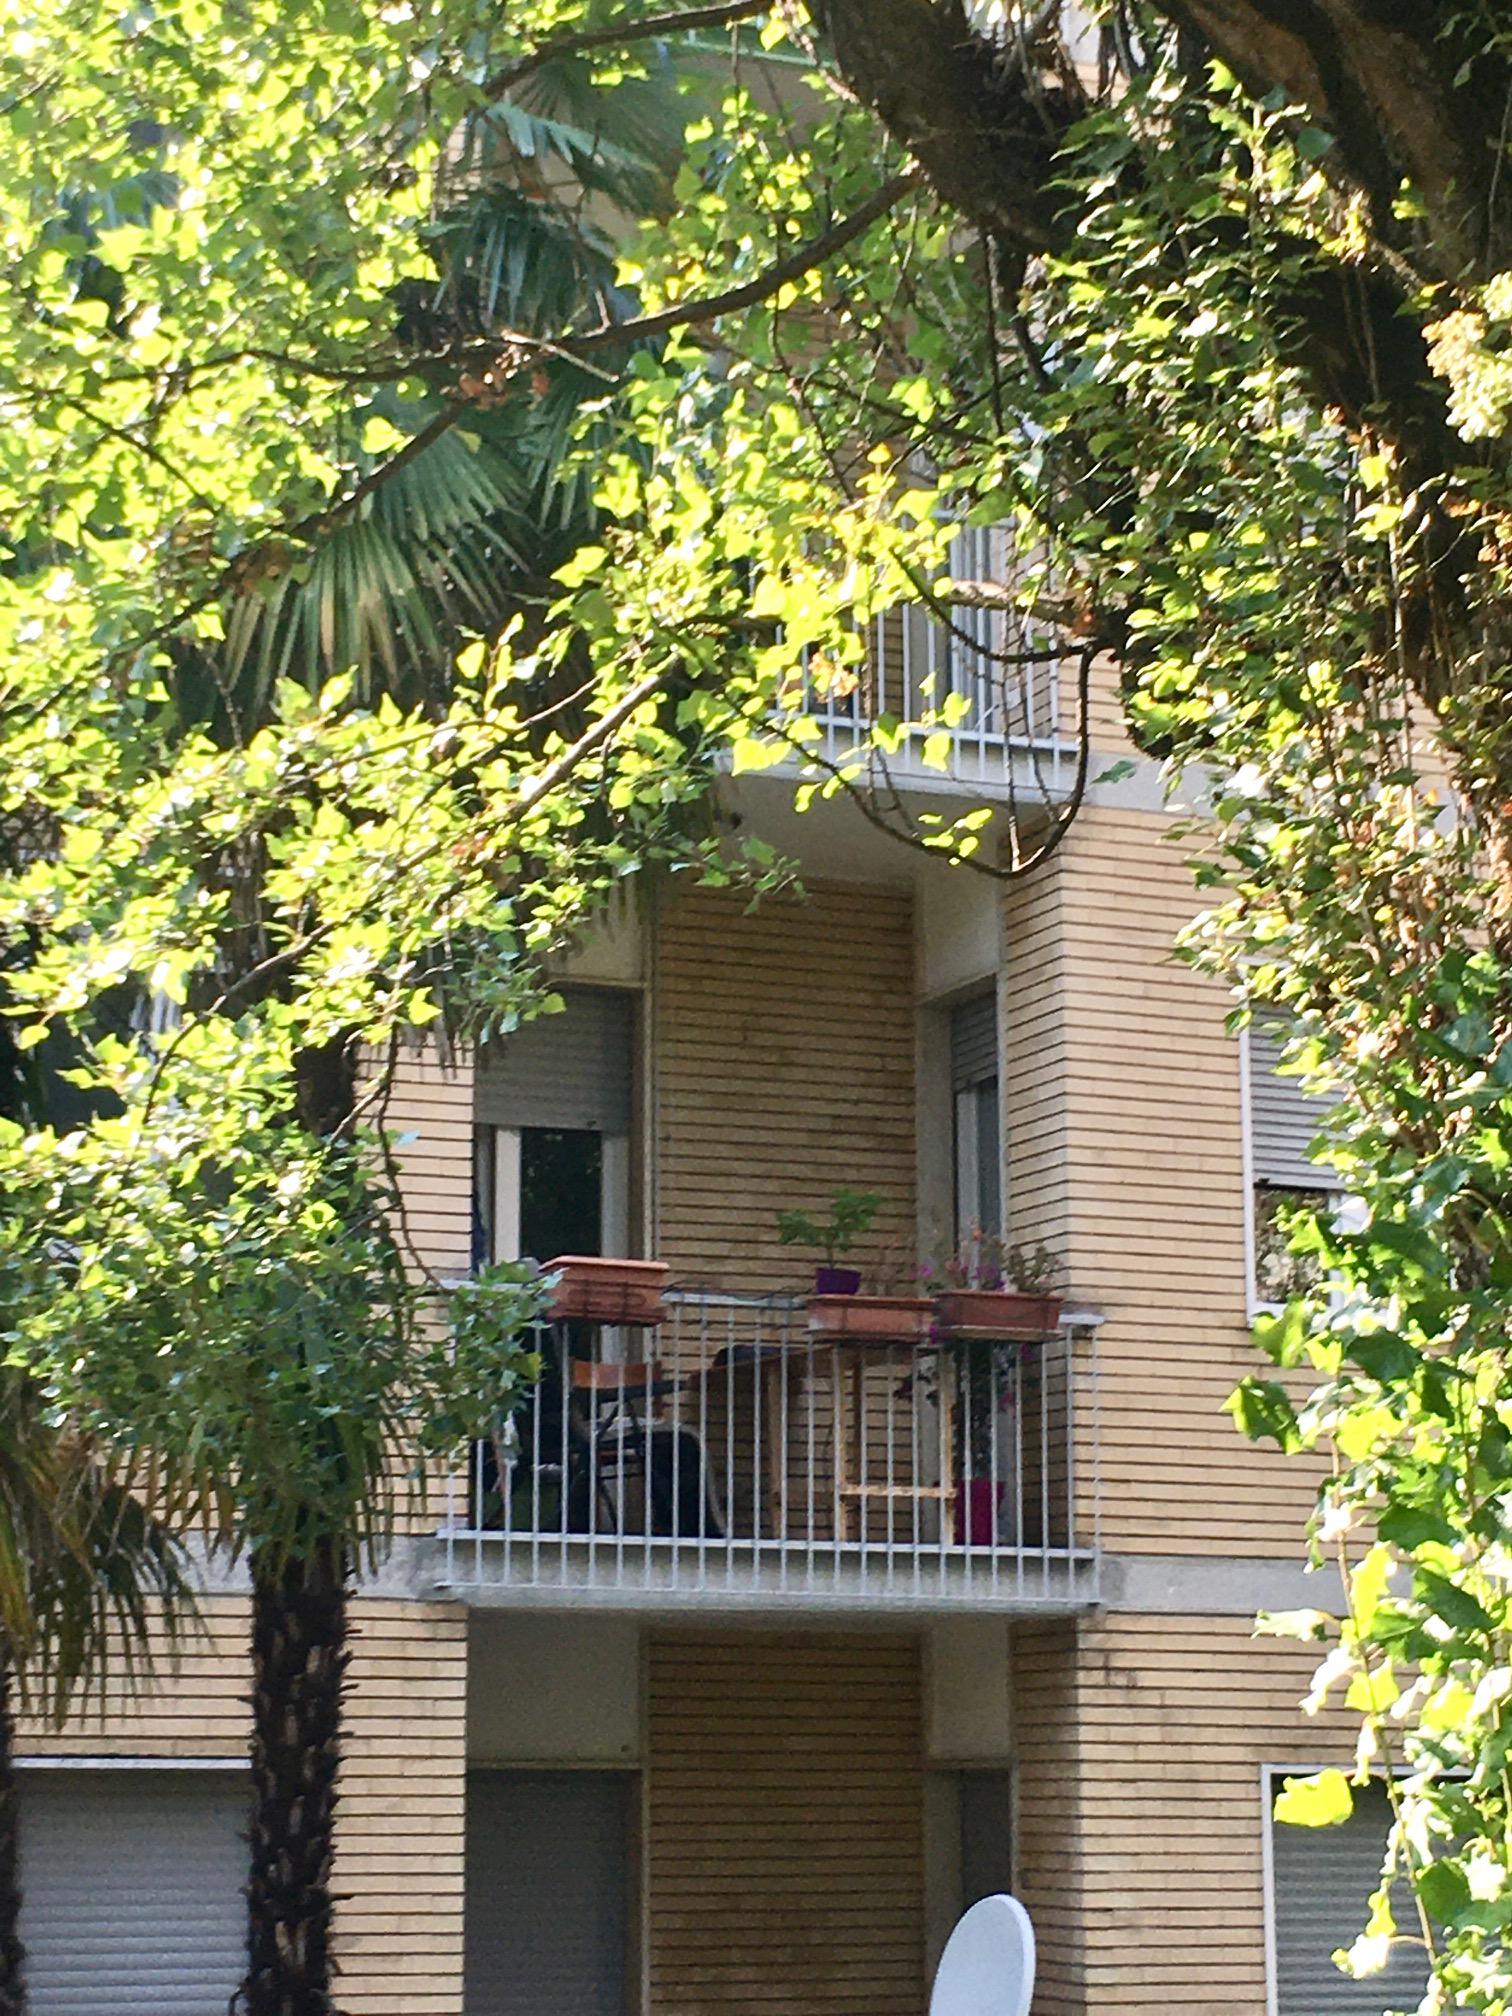 Trilocale in zona verde e residenziale – Rif. 385